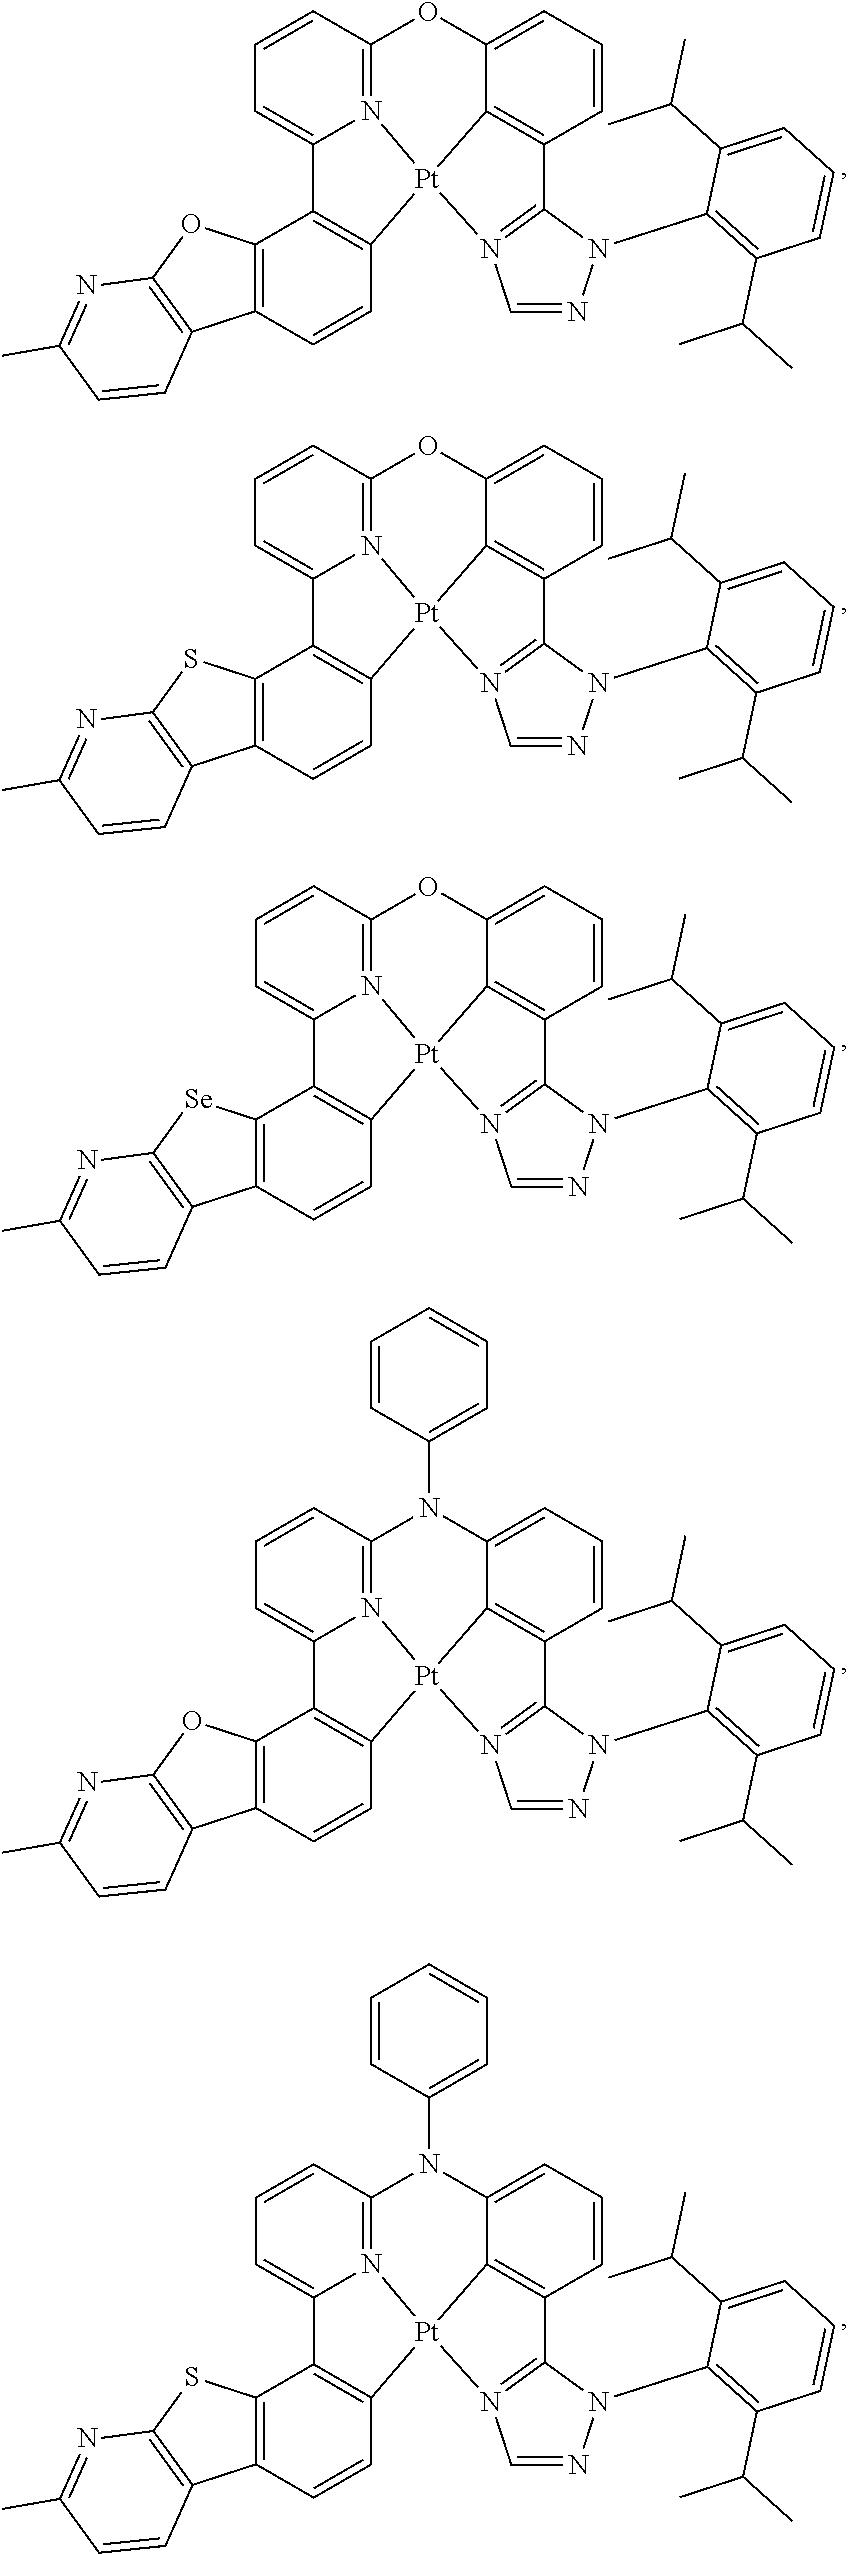 Figure US09871214-20180116-C00030